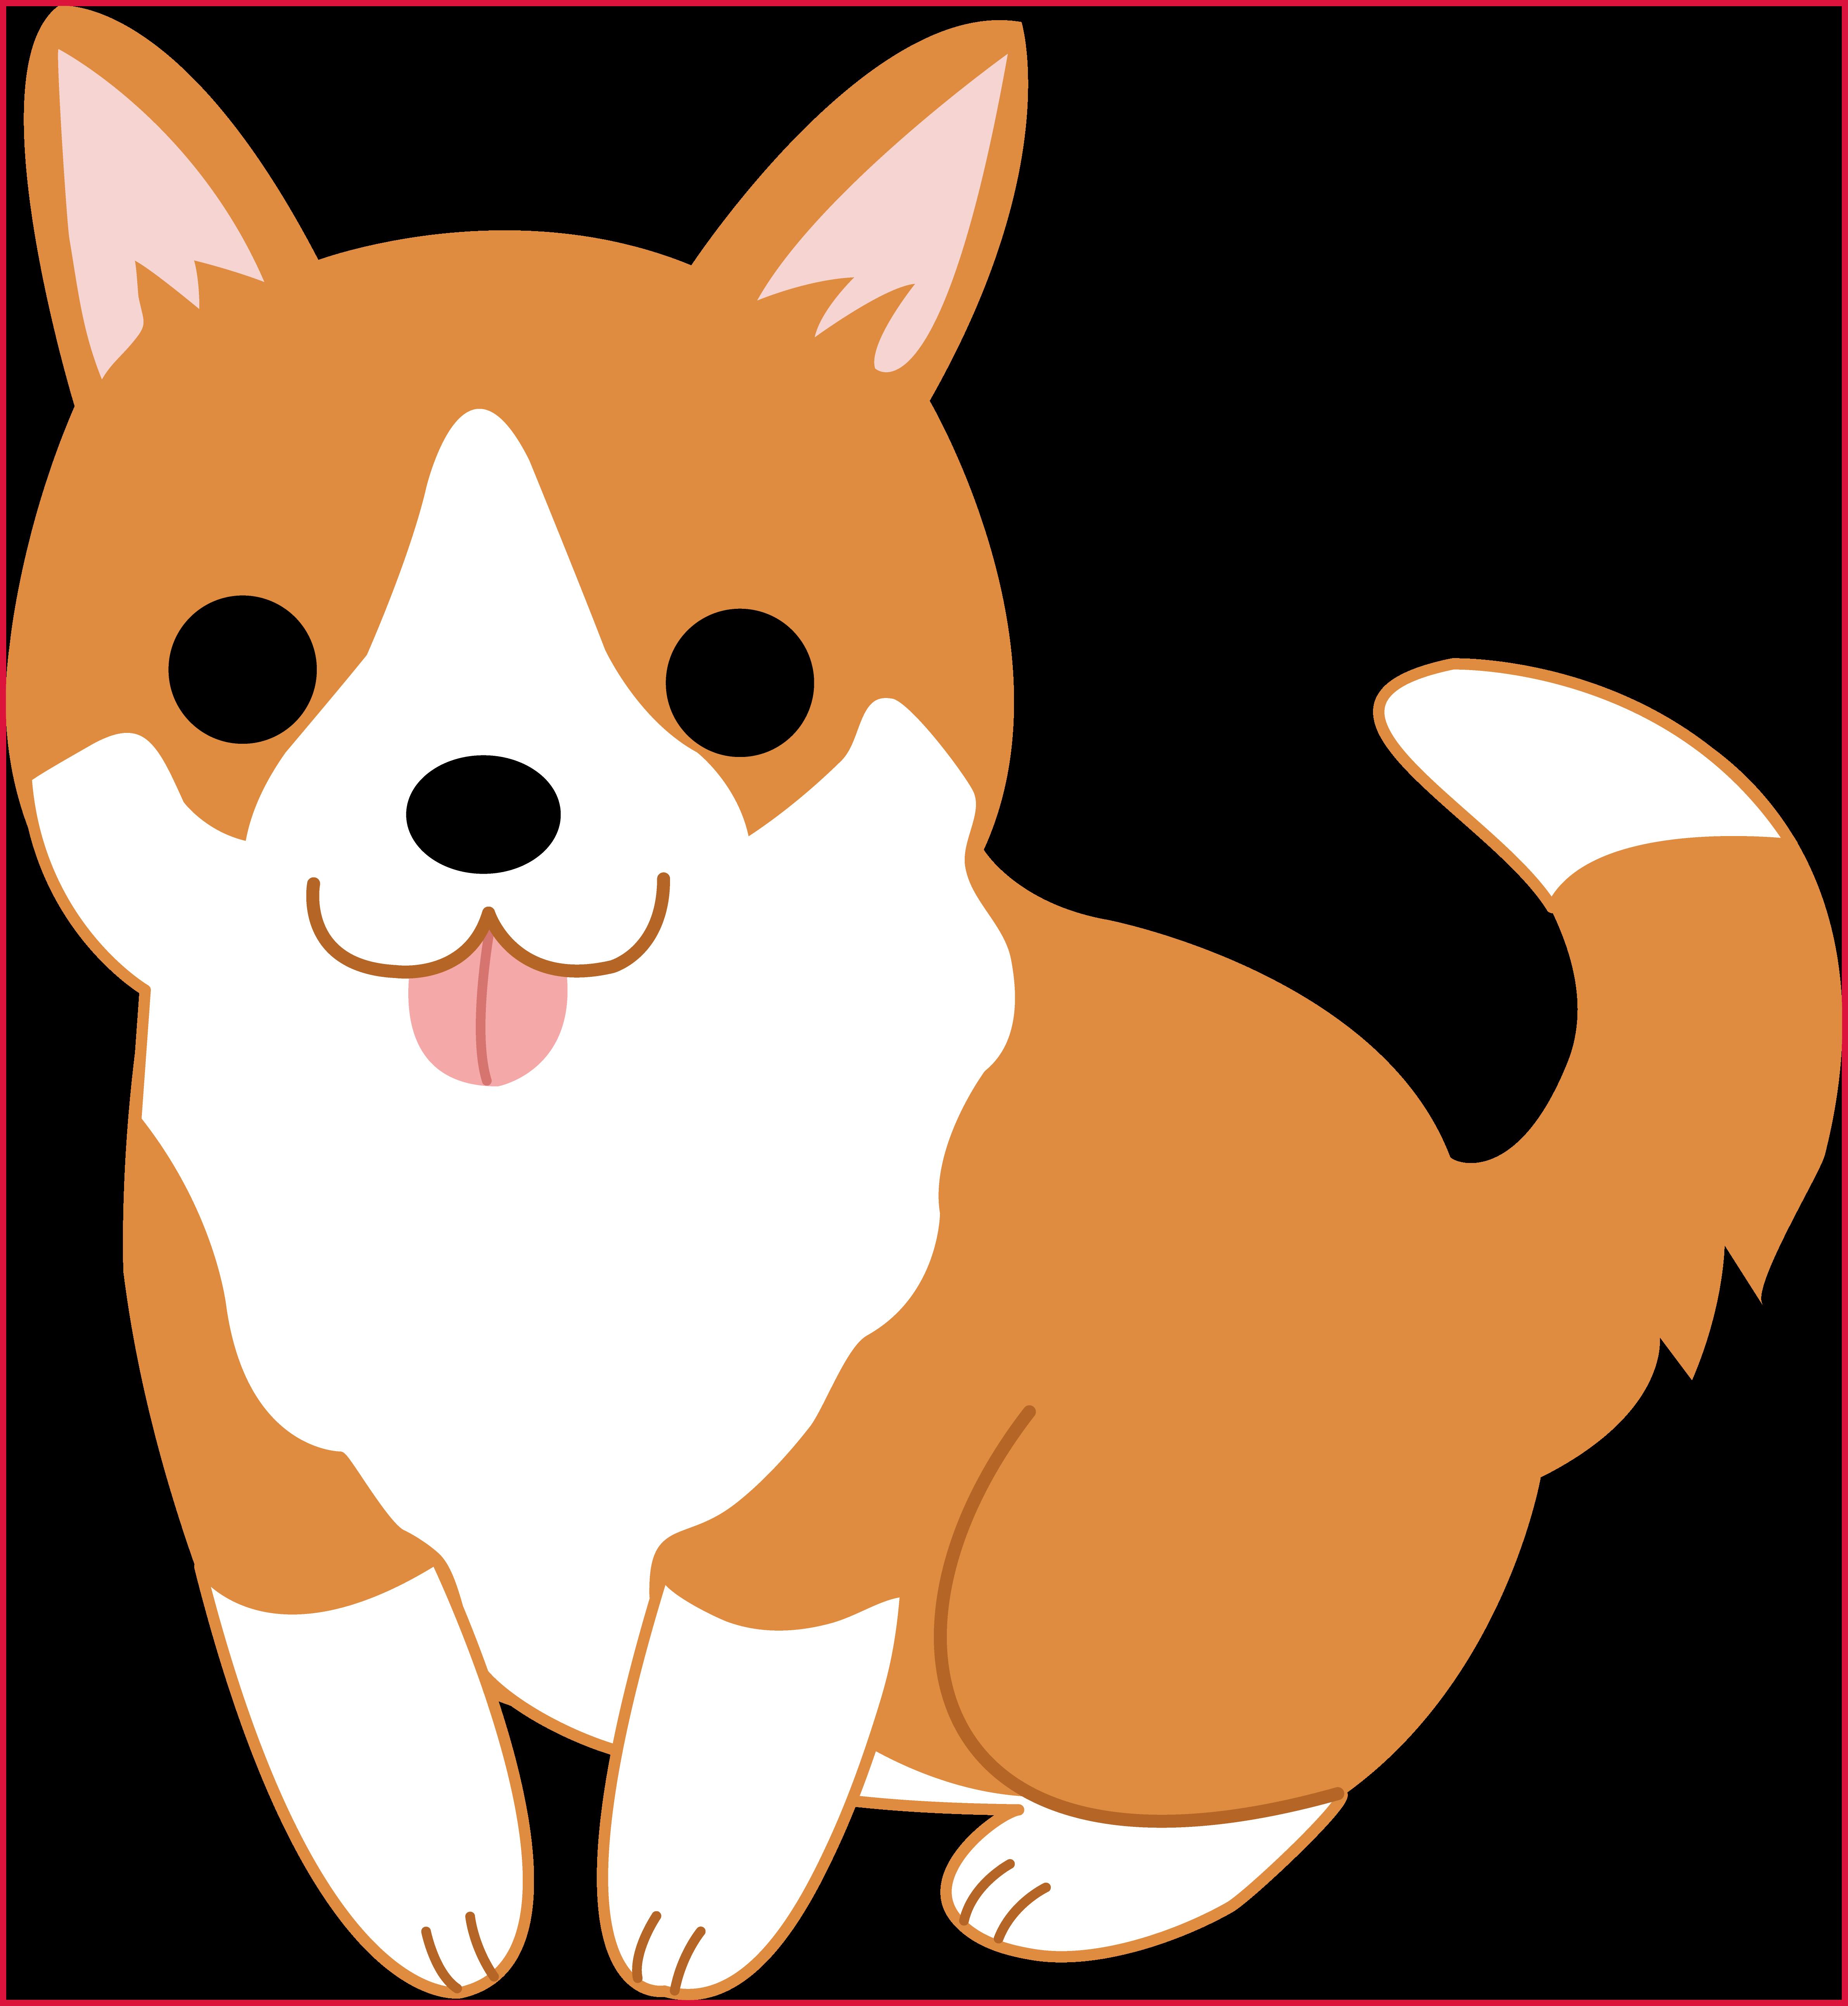 vector royalty free download Incredible cute dog panda. Black chihuahua clipart.